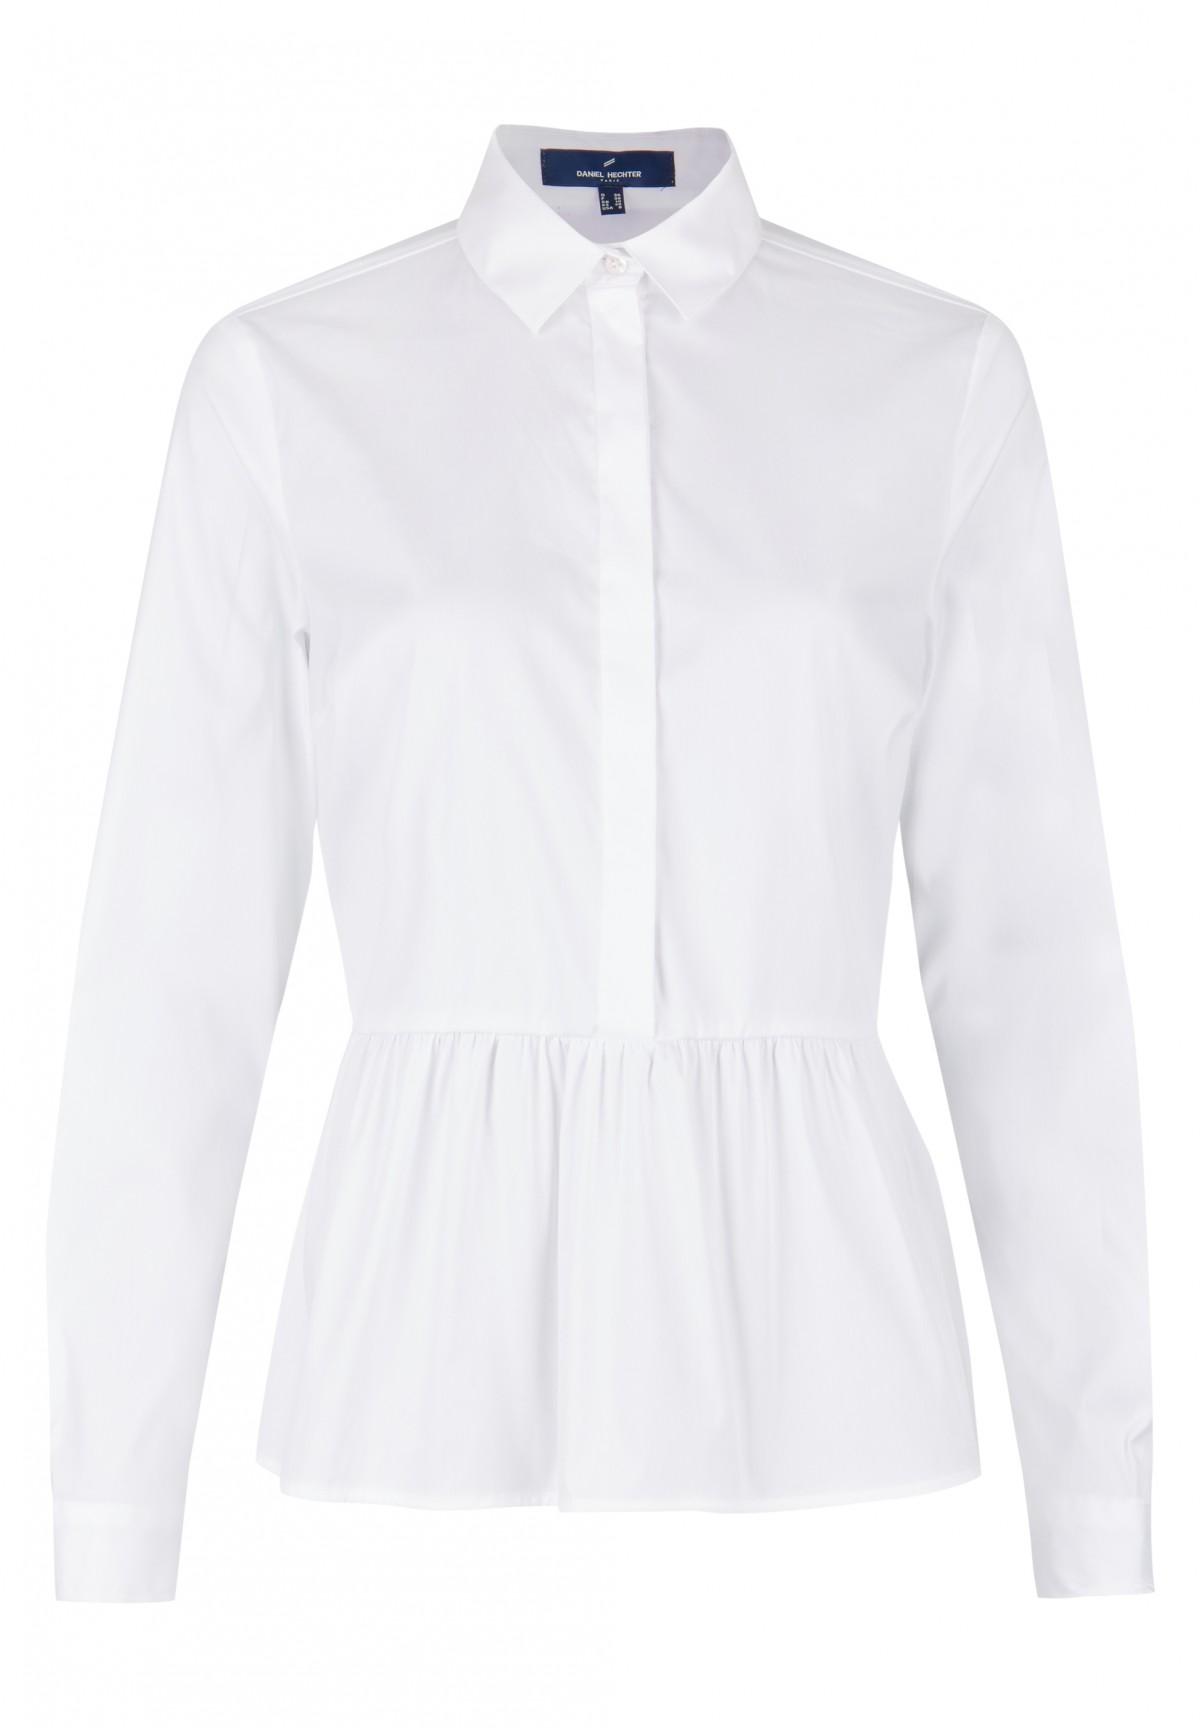 Modische Bluse mit Rüschen / Blouse